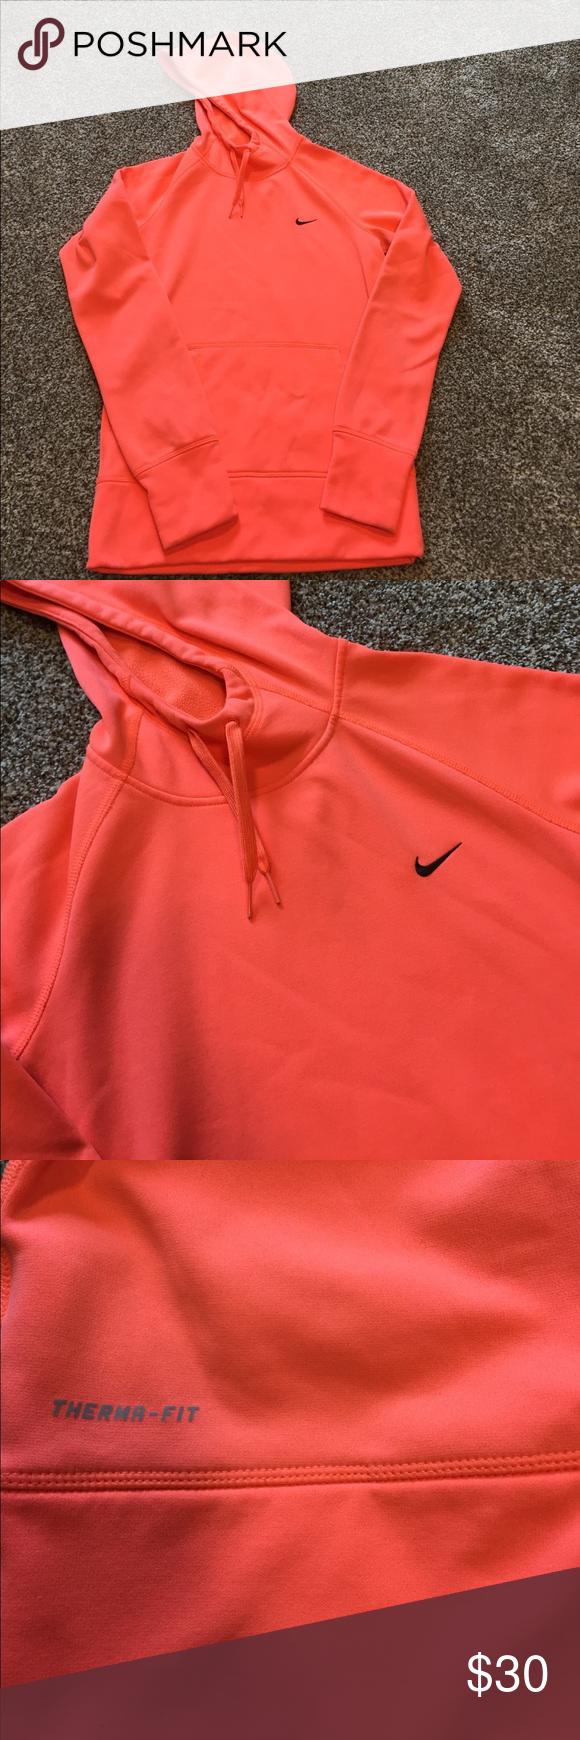 newest best choice better Nike Therma-fit neon orange hoodie Bright neon hoodie ...